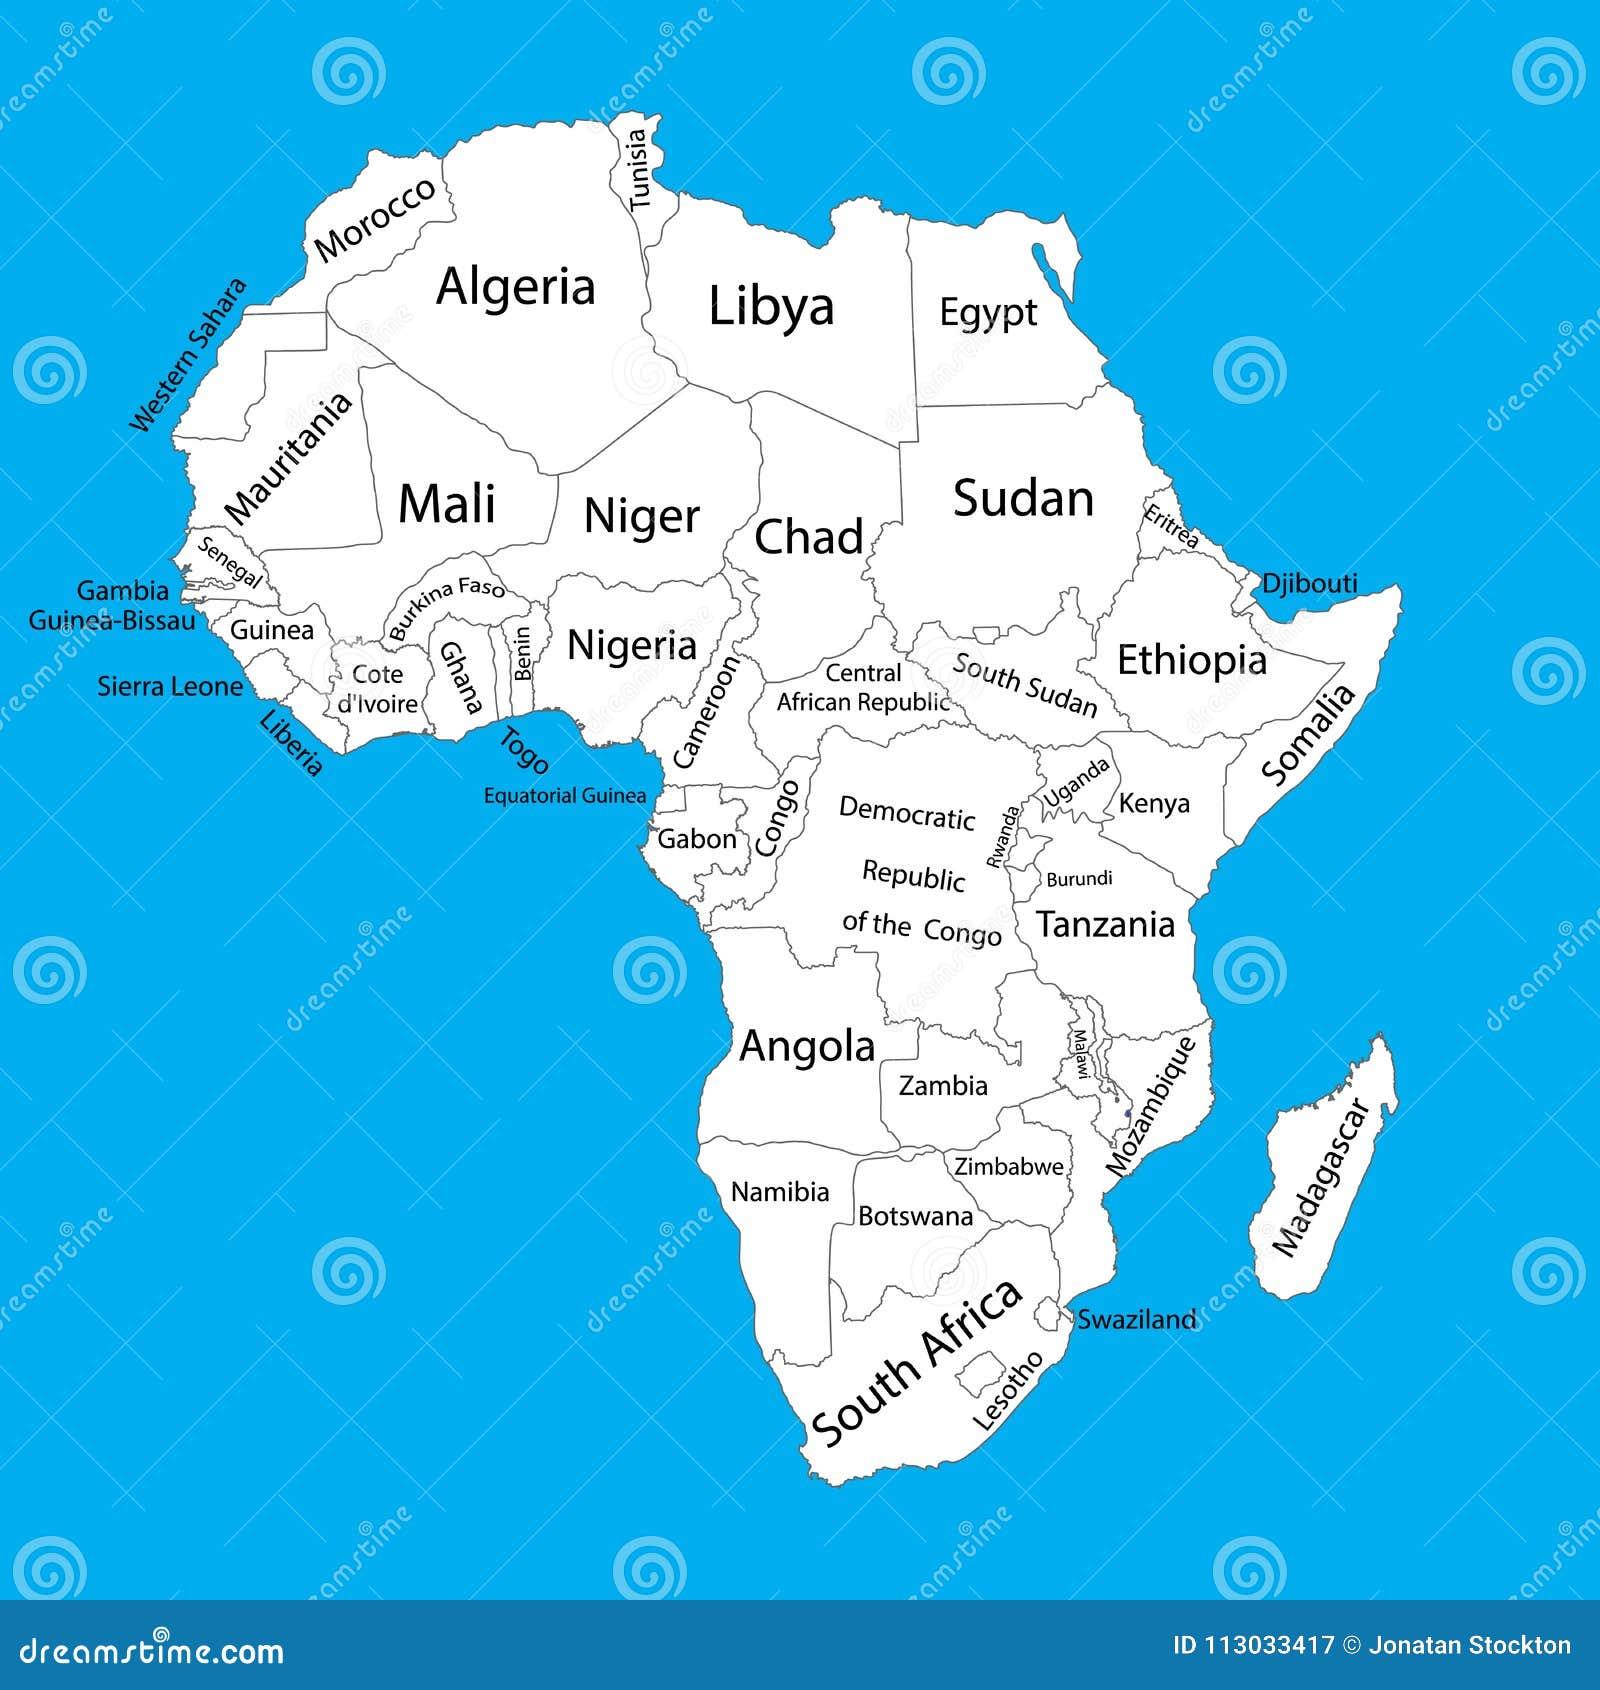 Cartina Dell Africa In Bianco E Nero.Mappa In Bianco Editabile Di Vettore Dell Africa Mappa Di Vettore Dell Africa Illustrazione Vettoriale Illustrazione Di Programma Isolato 113033417